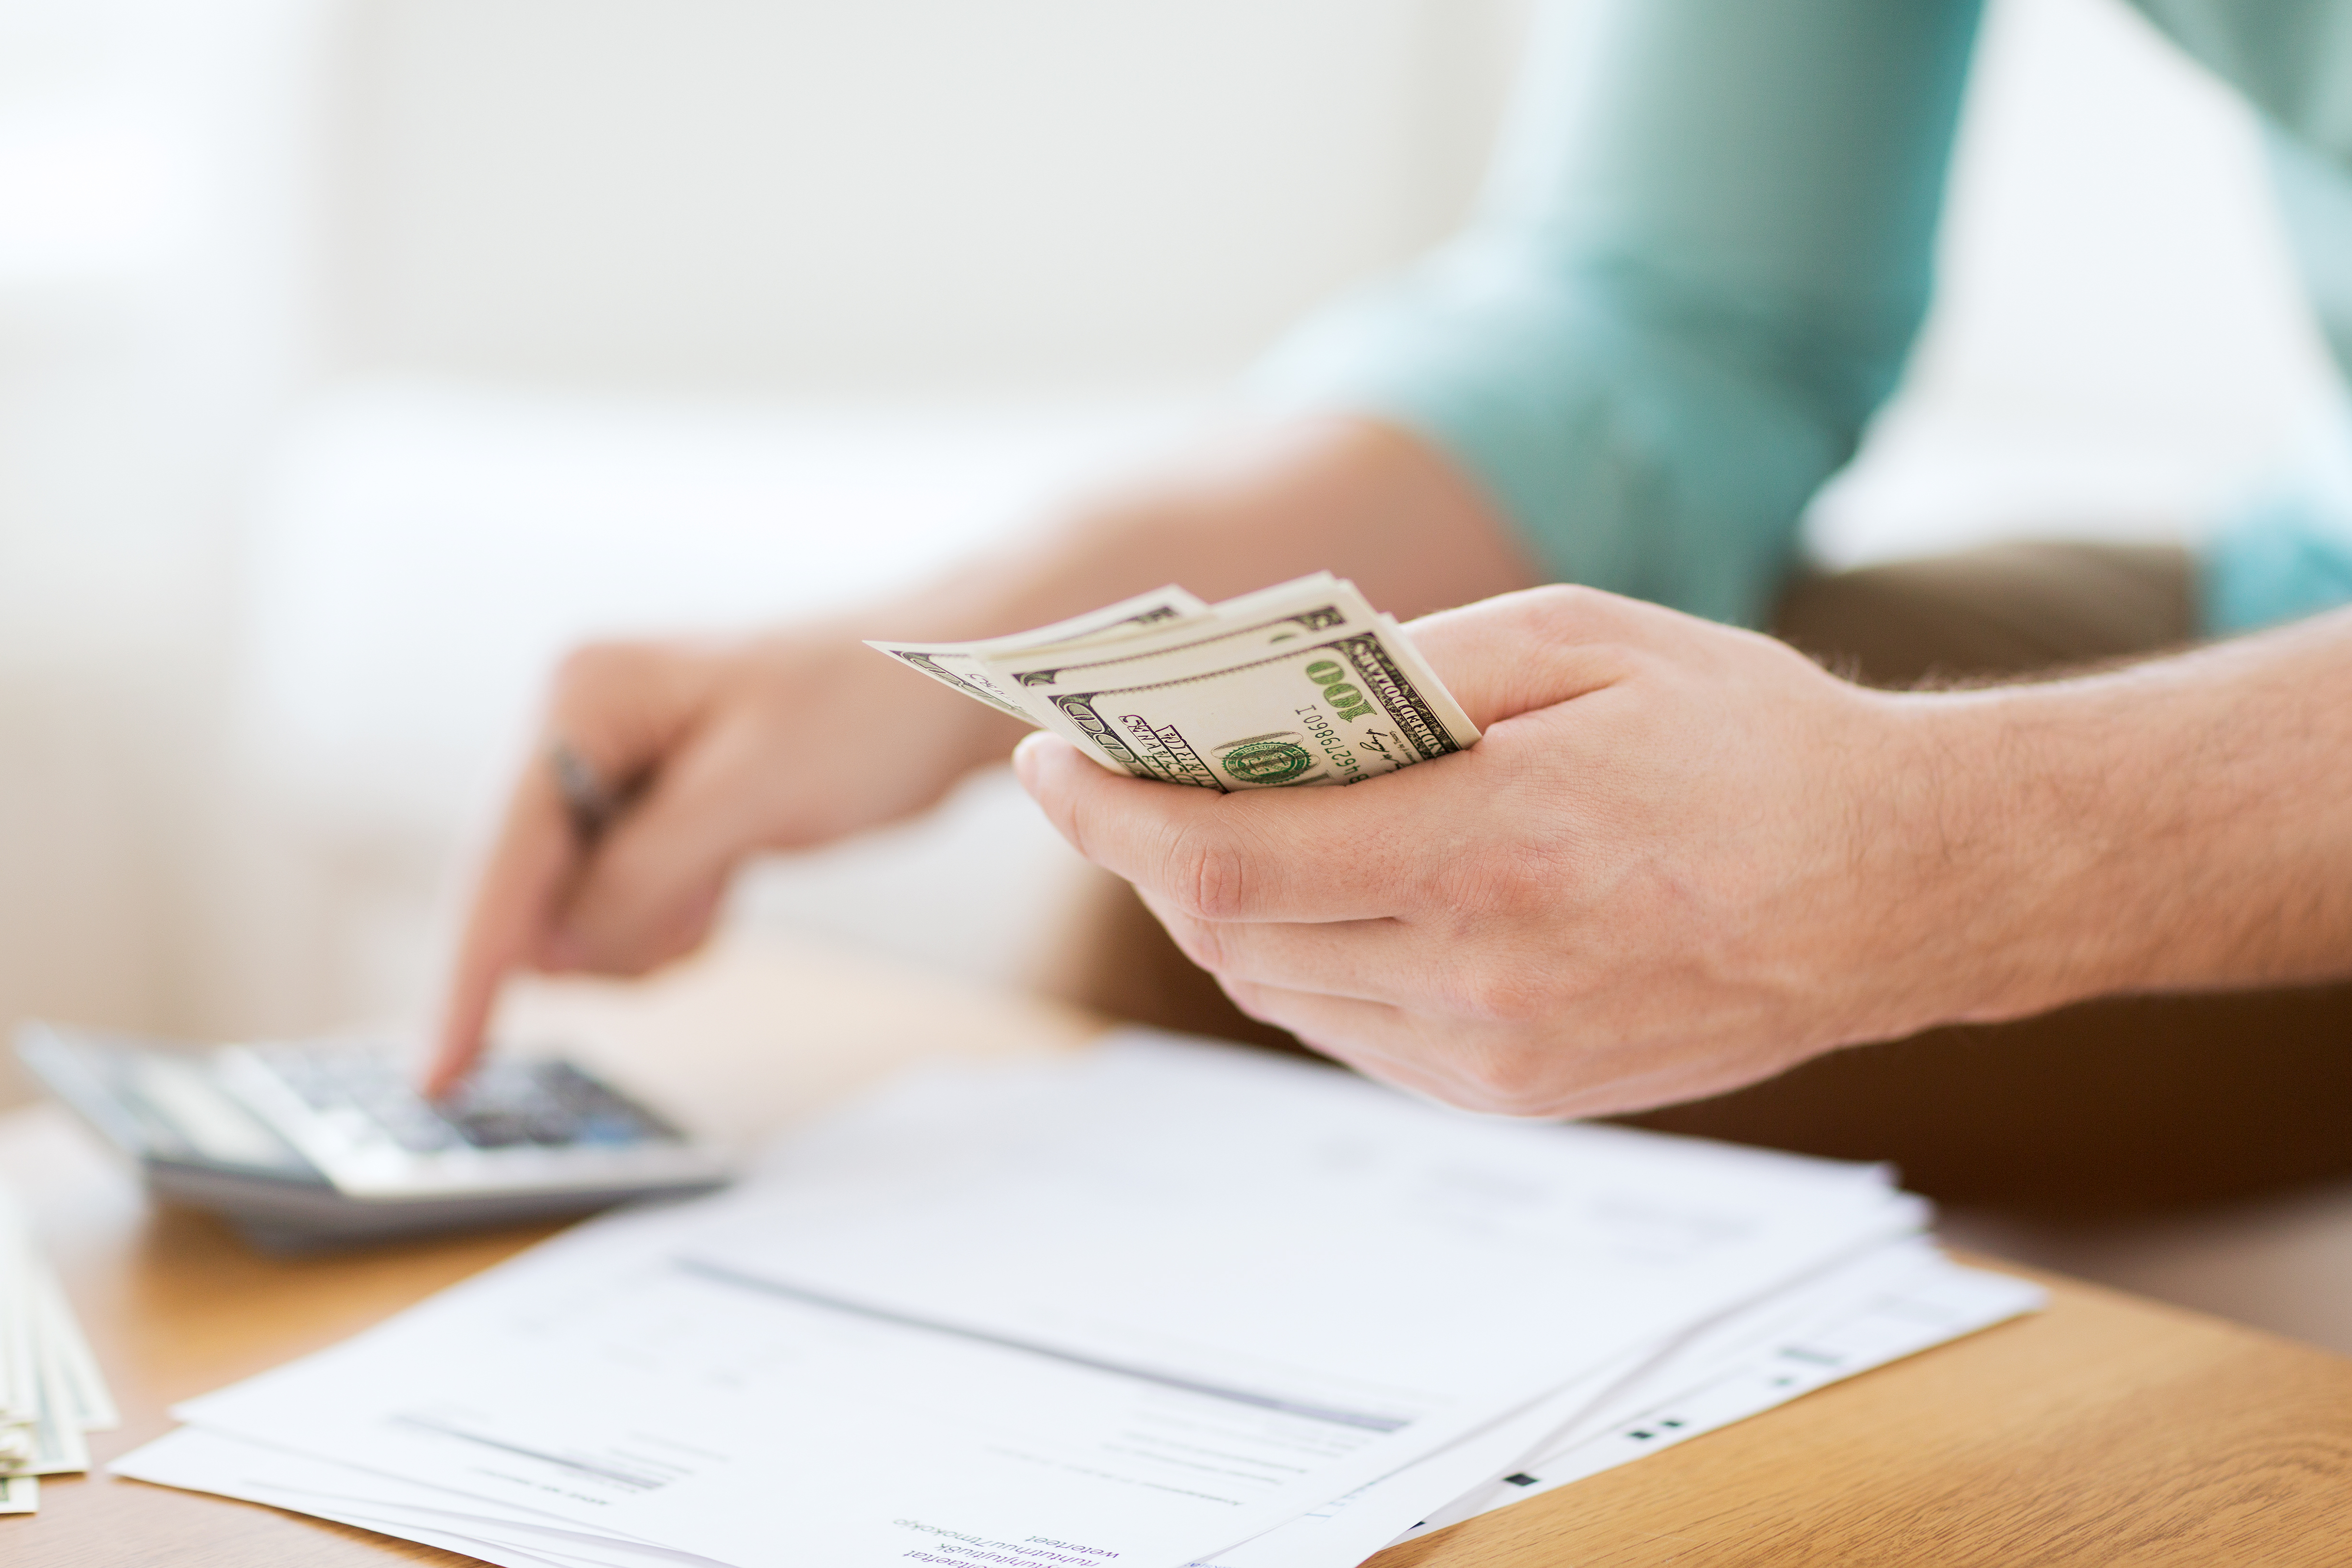 民間二胎房貸利率 高低的衡量標準是什麼